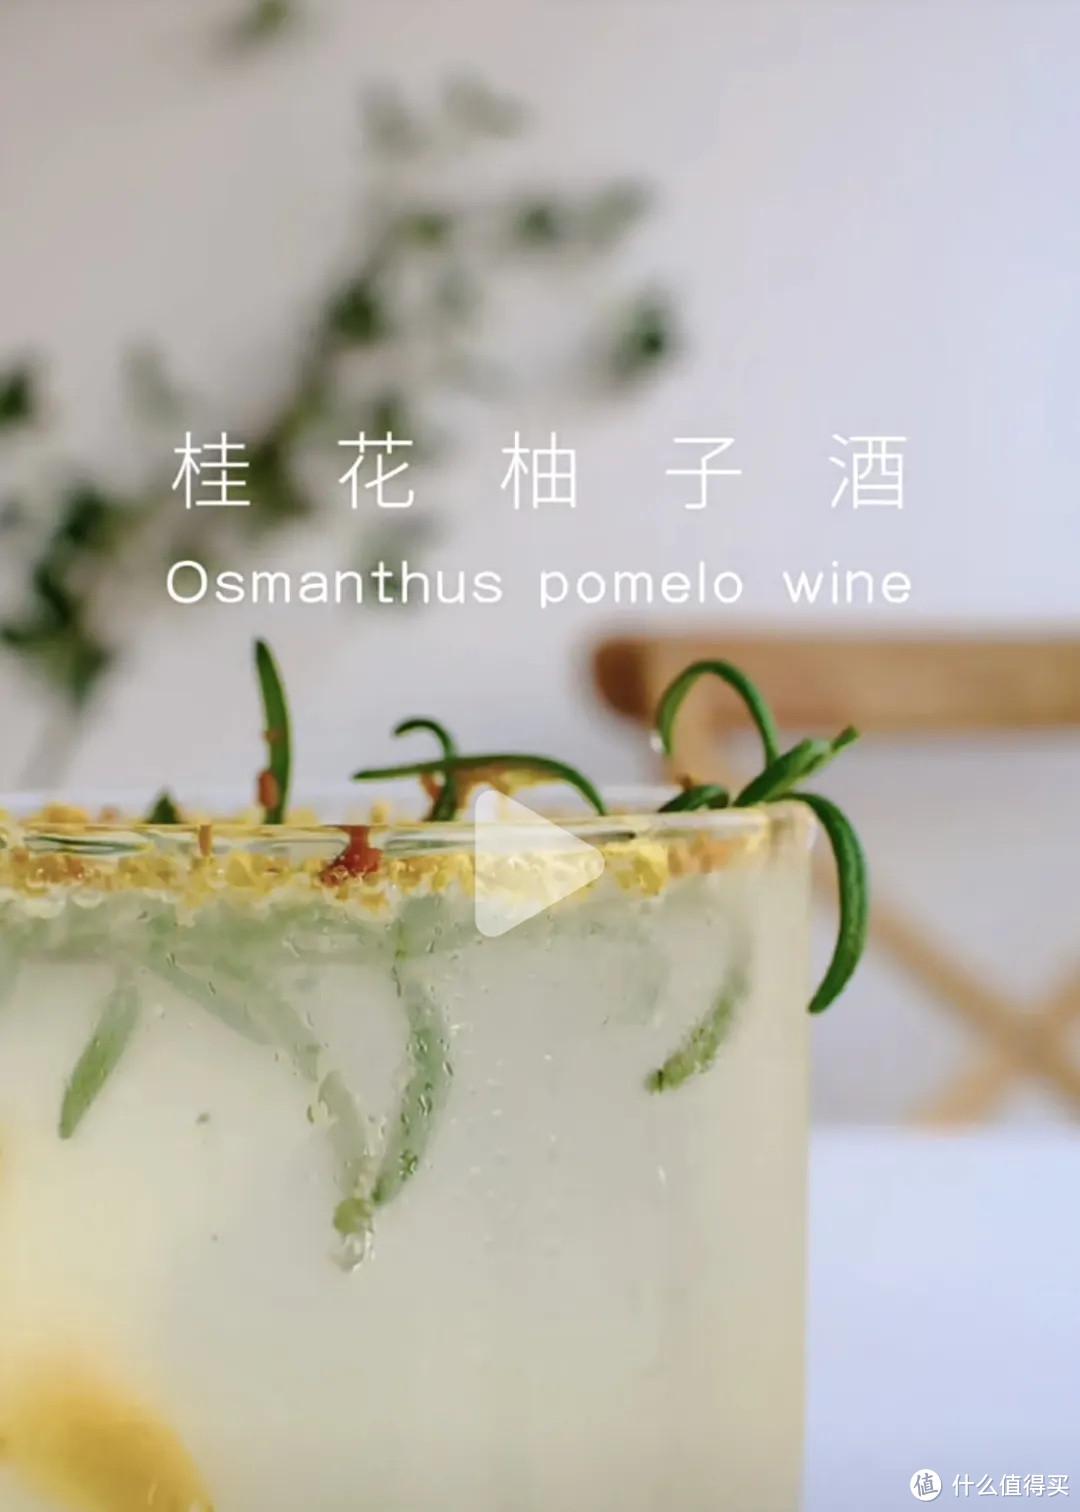 日本柚子酒,和梅酒一样好喝的存在。